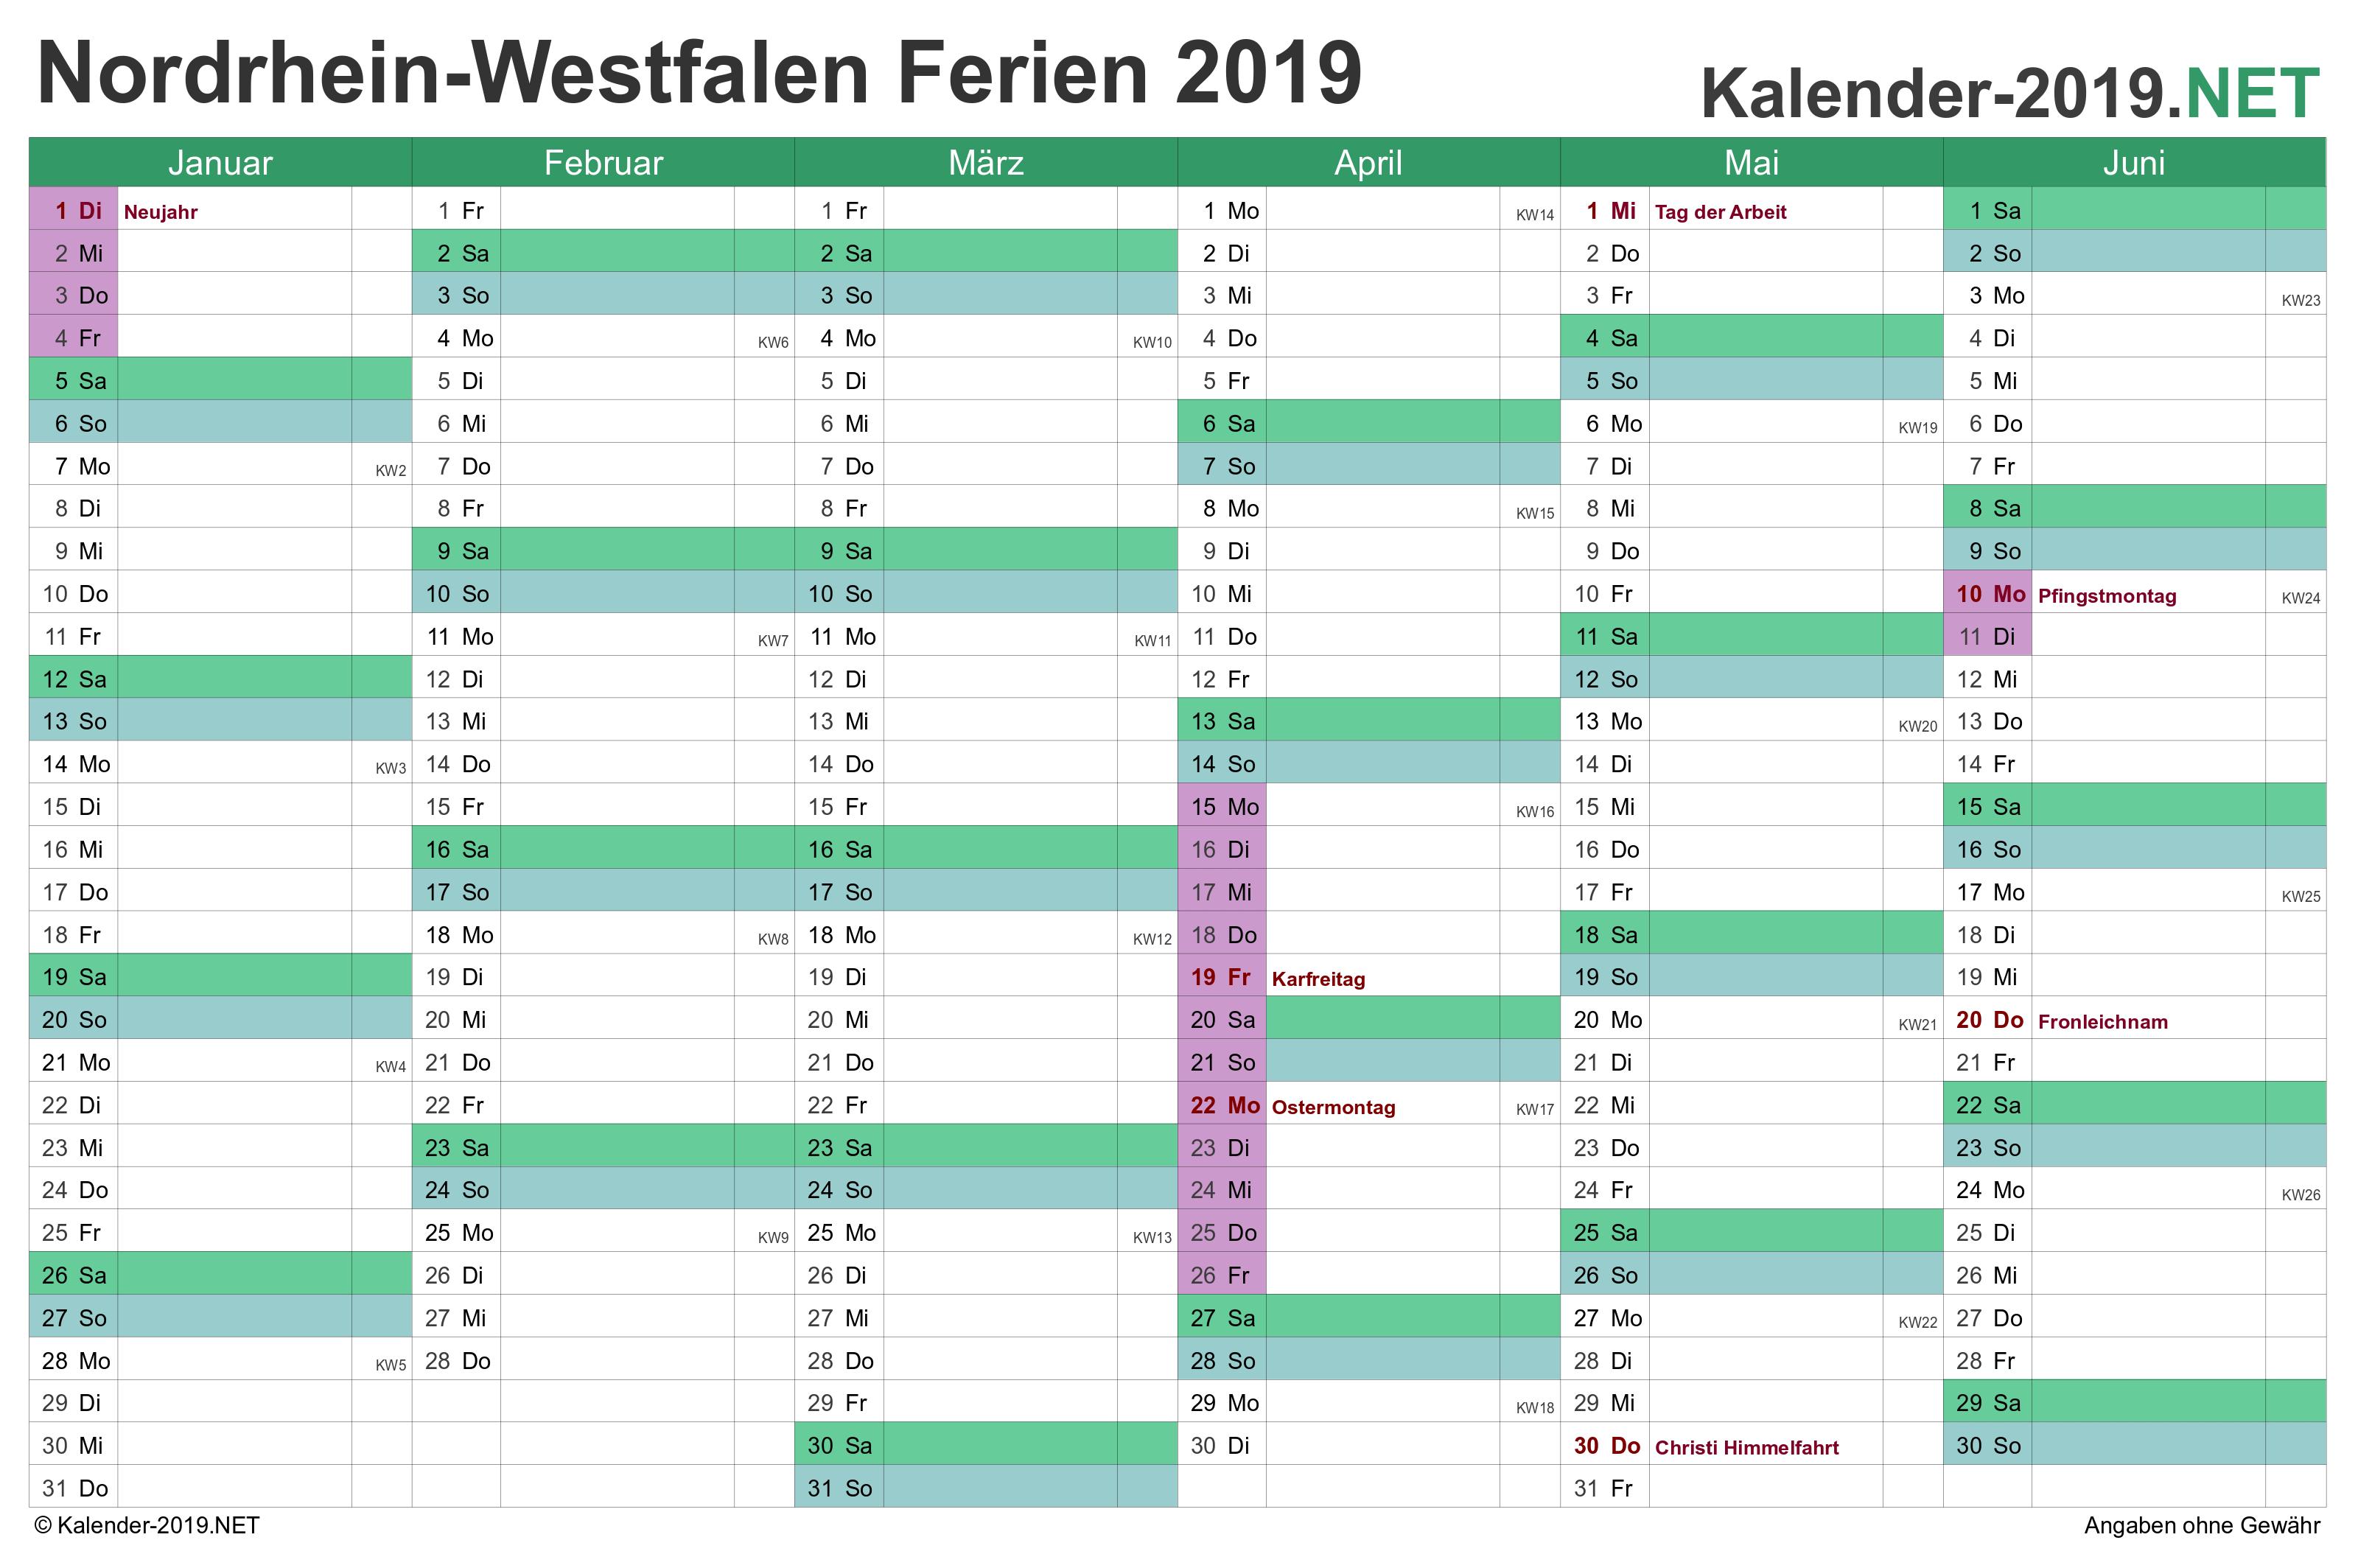 Nordrhein Westfalen Kalender 2019 Mit Ferien Kalender 2018 Kalender Kalender Vorlagen